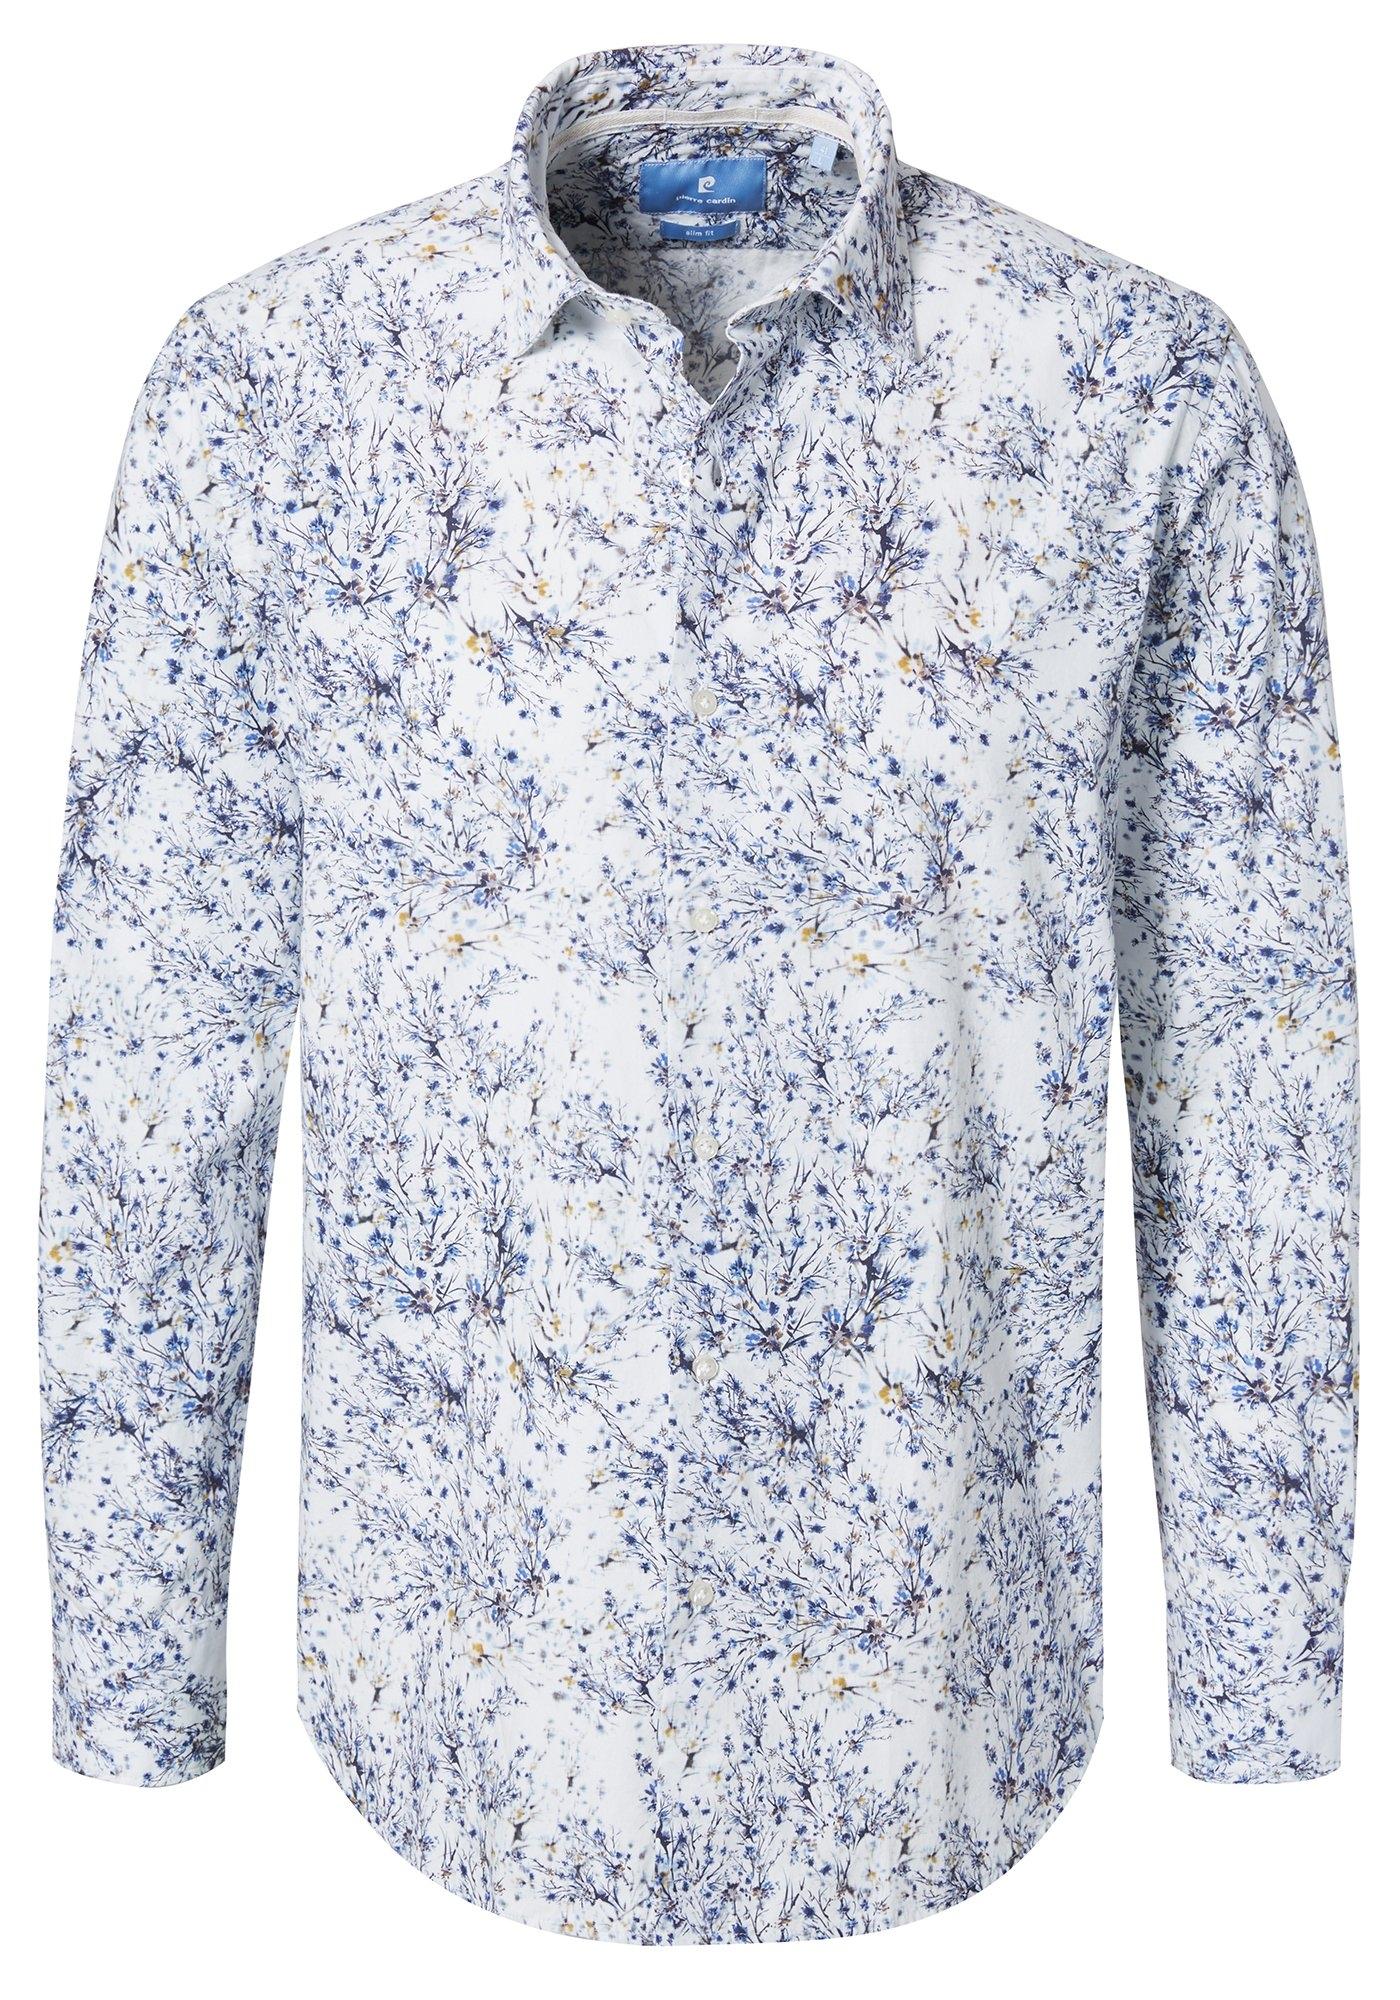 Pierre Cardin Overhemd met meerkleurige bloemenprint - slim fit bestellen: 14 dagen bedenktijd